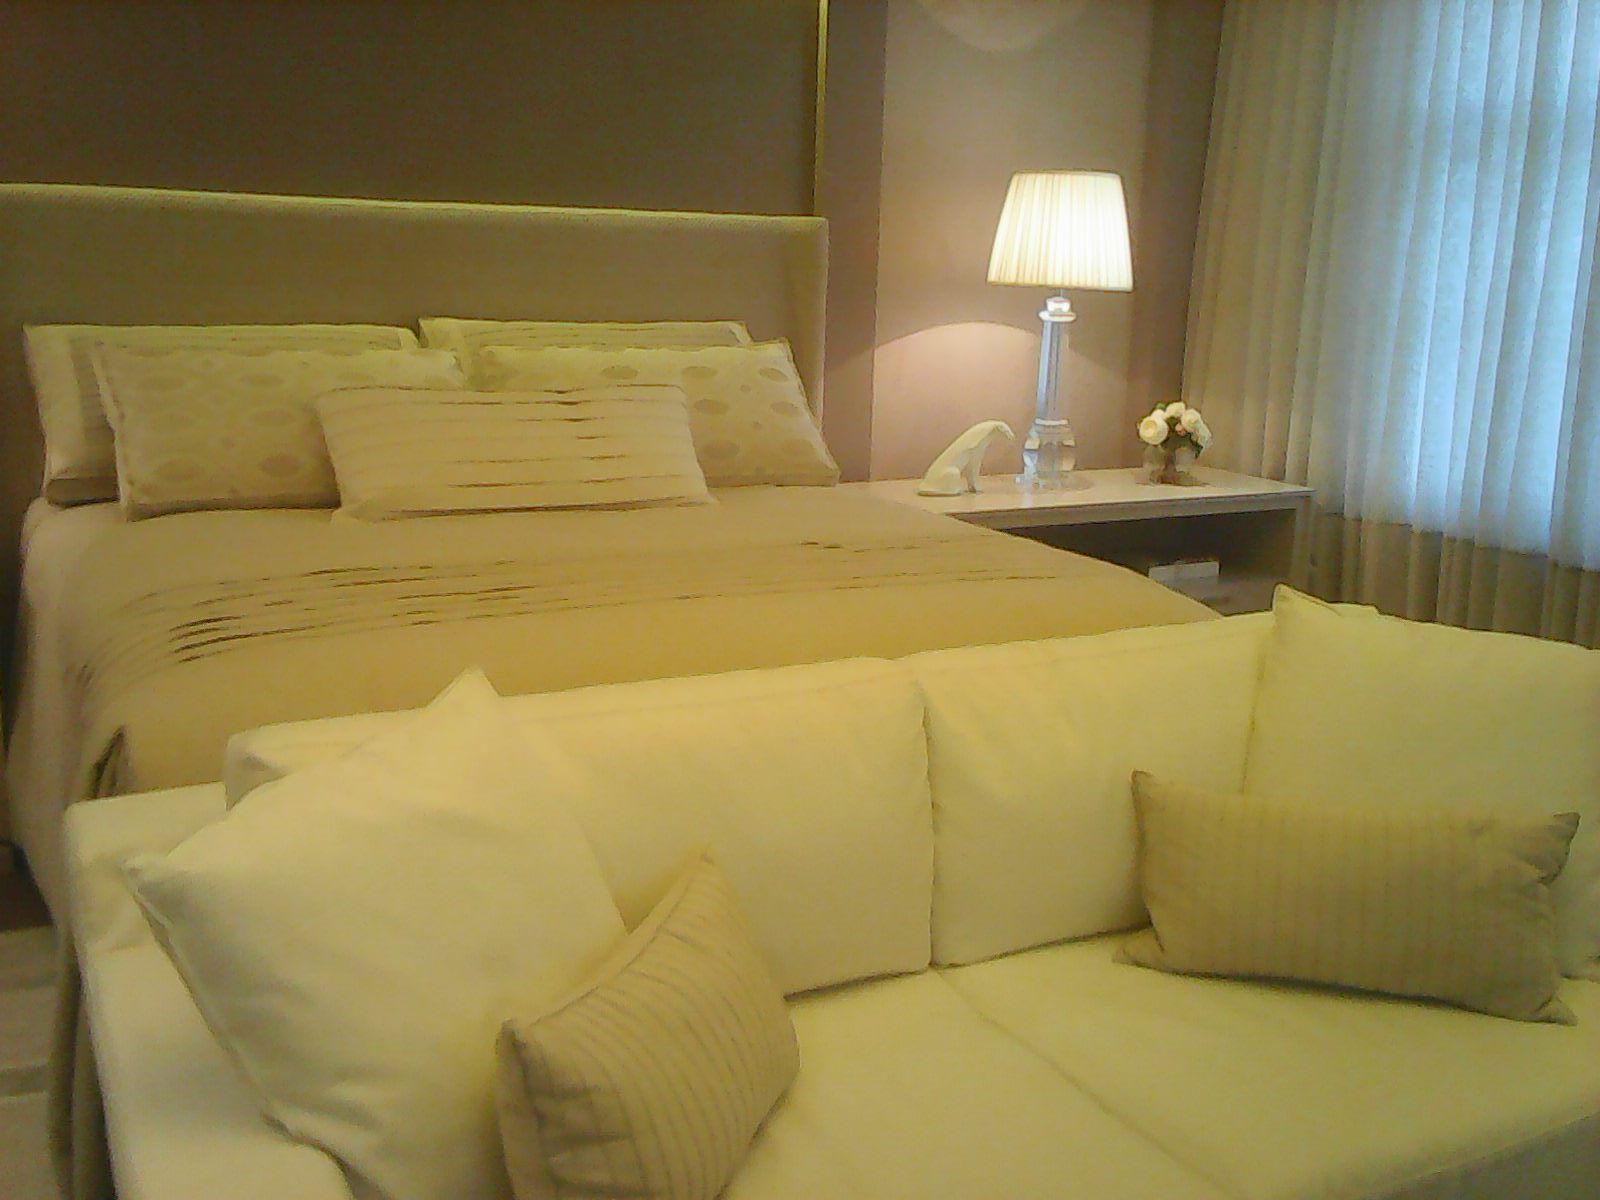 O desnível entre a cama e sofá é muito bem pensado.